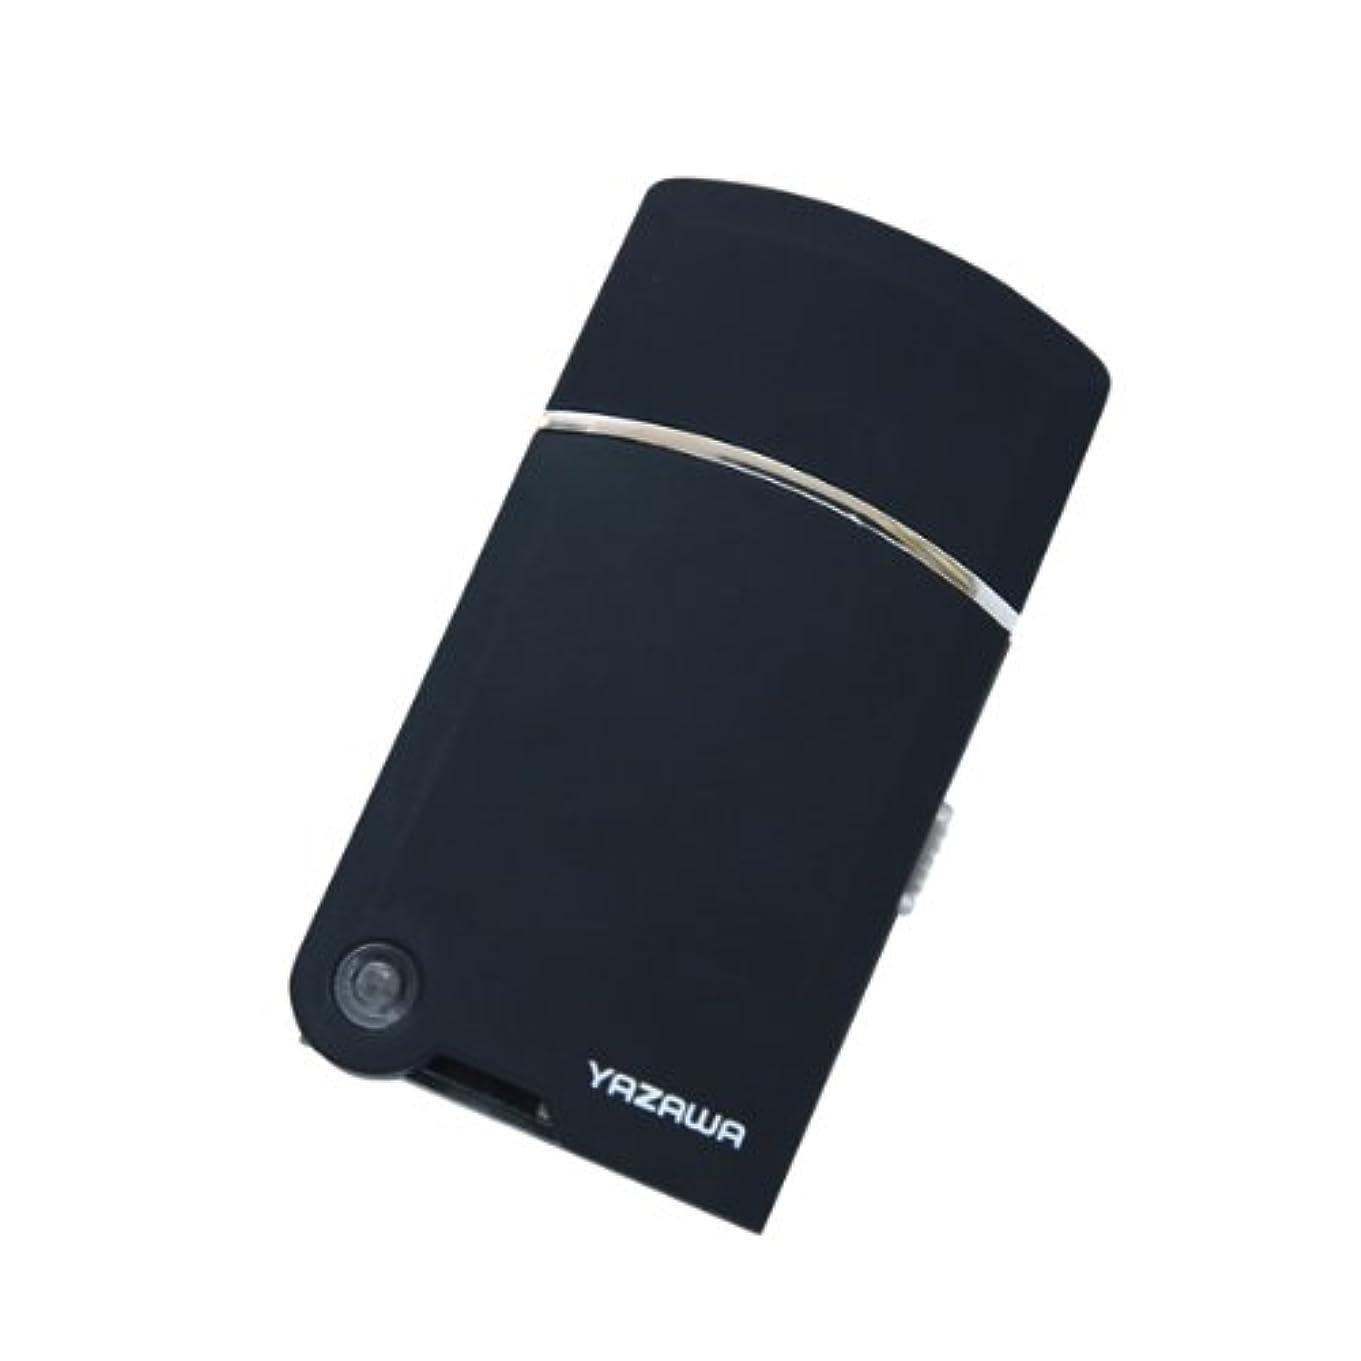 レイアスパンスラムヤザワ トラベルUSBシェーバー USB充電式 掃除用ブラシ付き TVR08BK